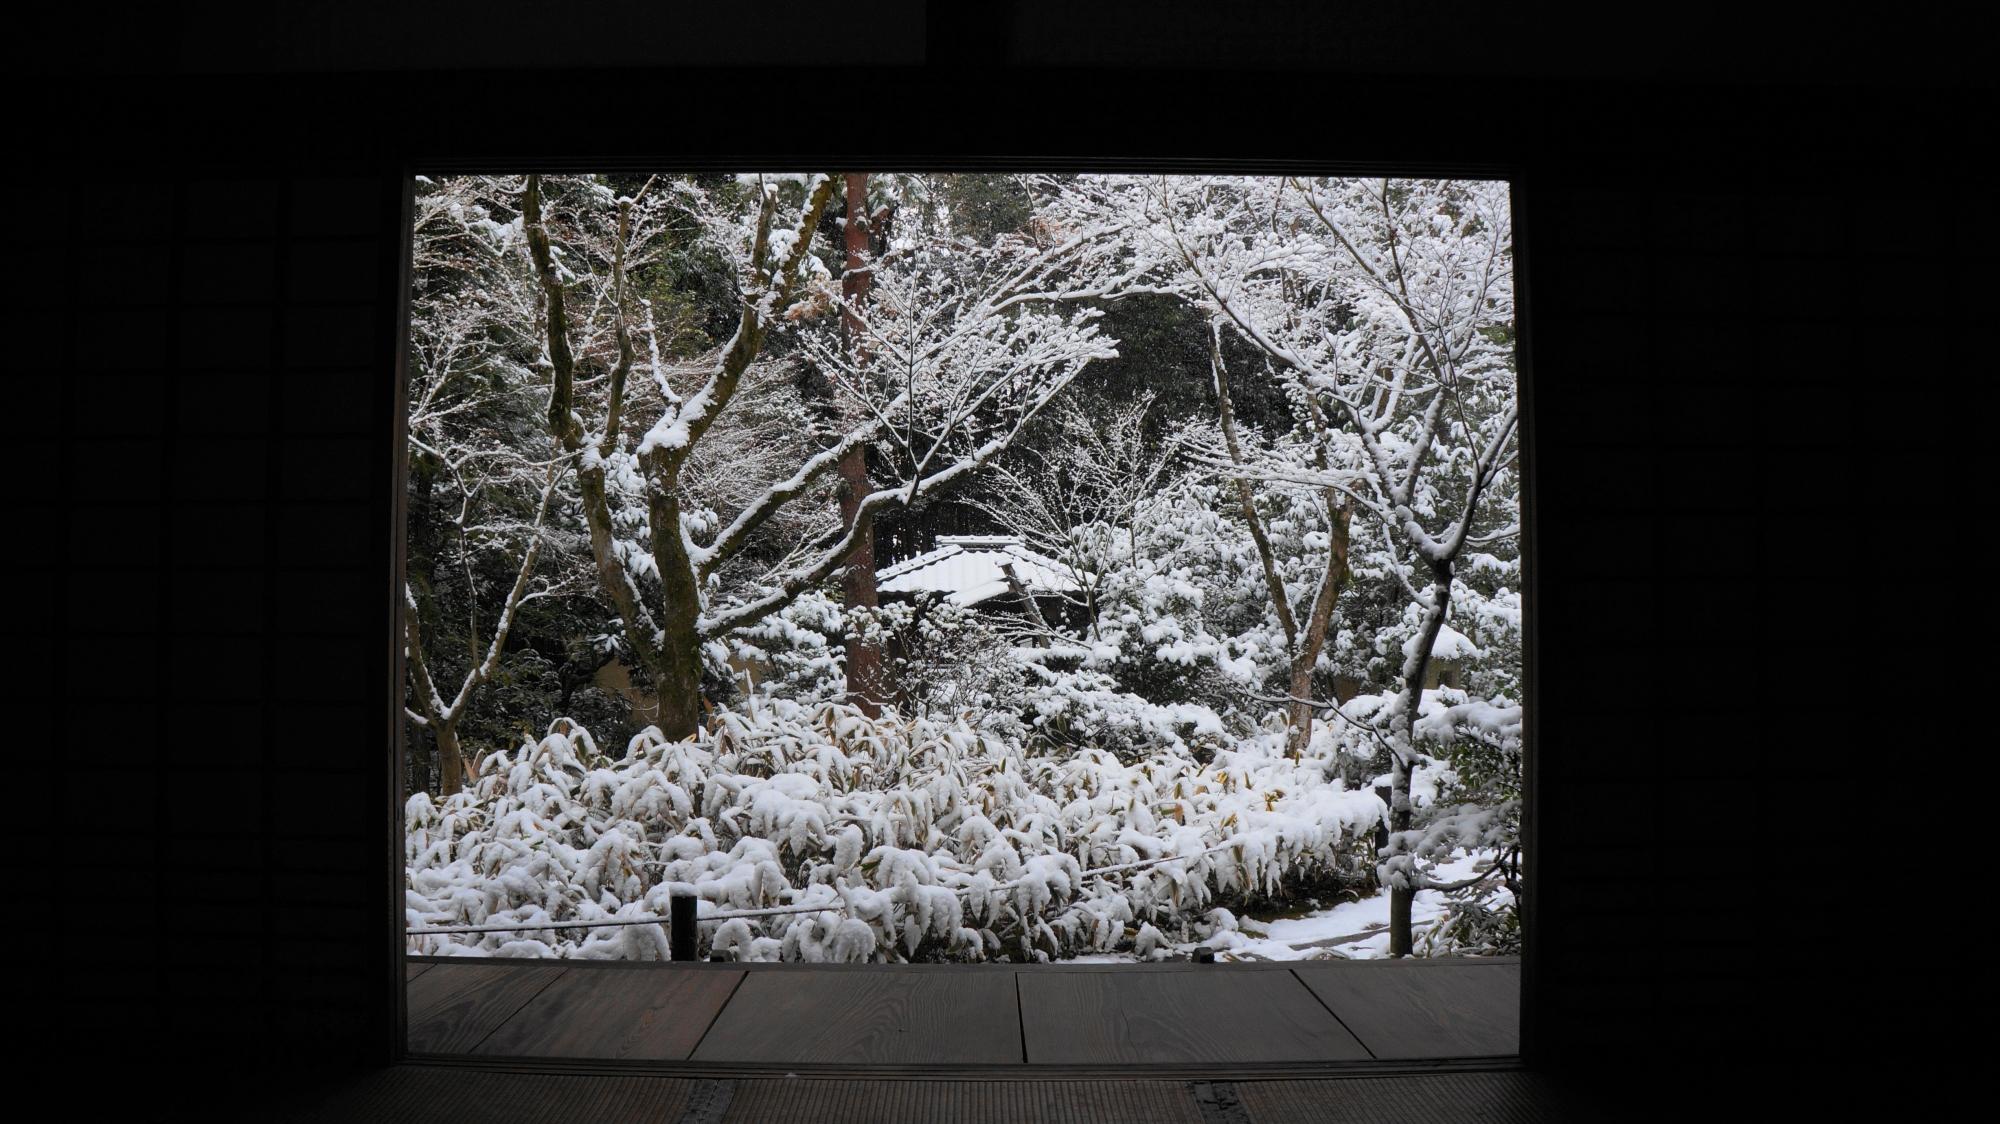 高桐院 高画質 写真 雪